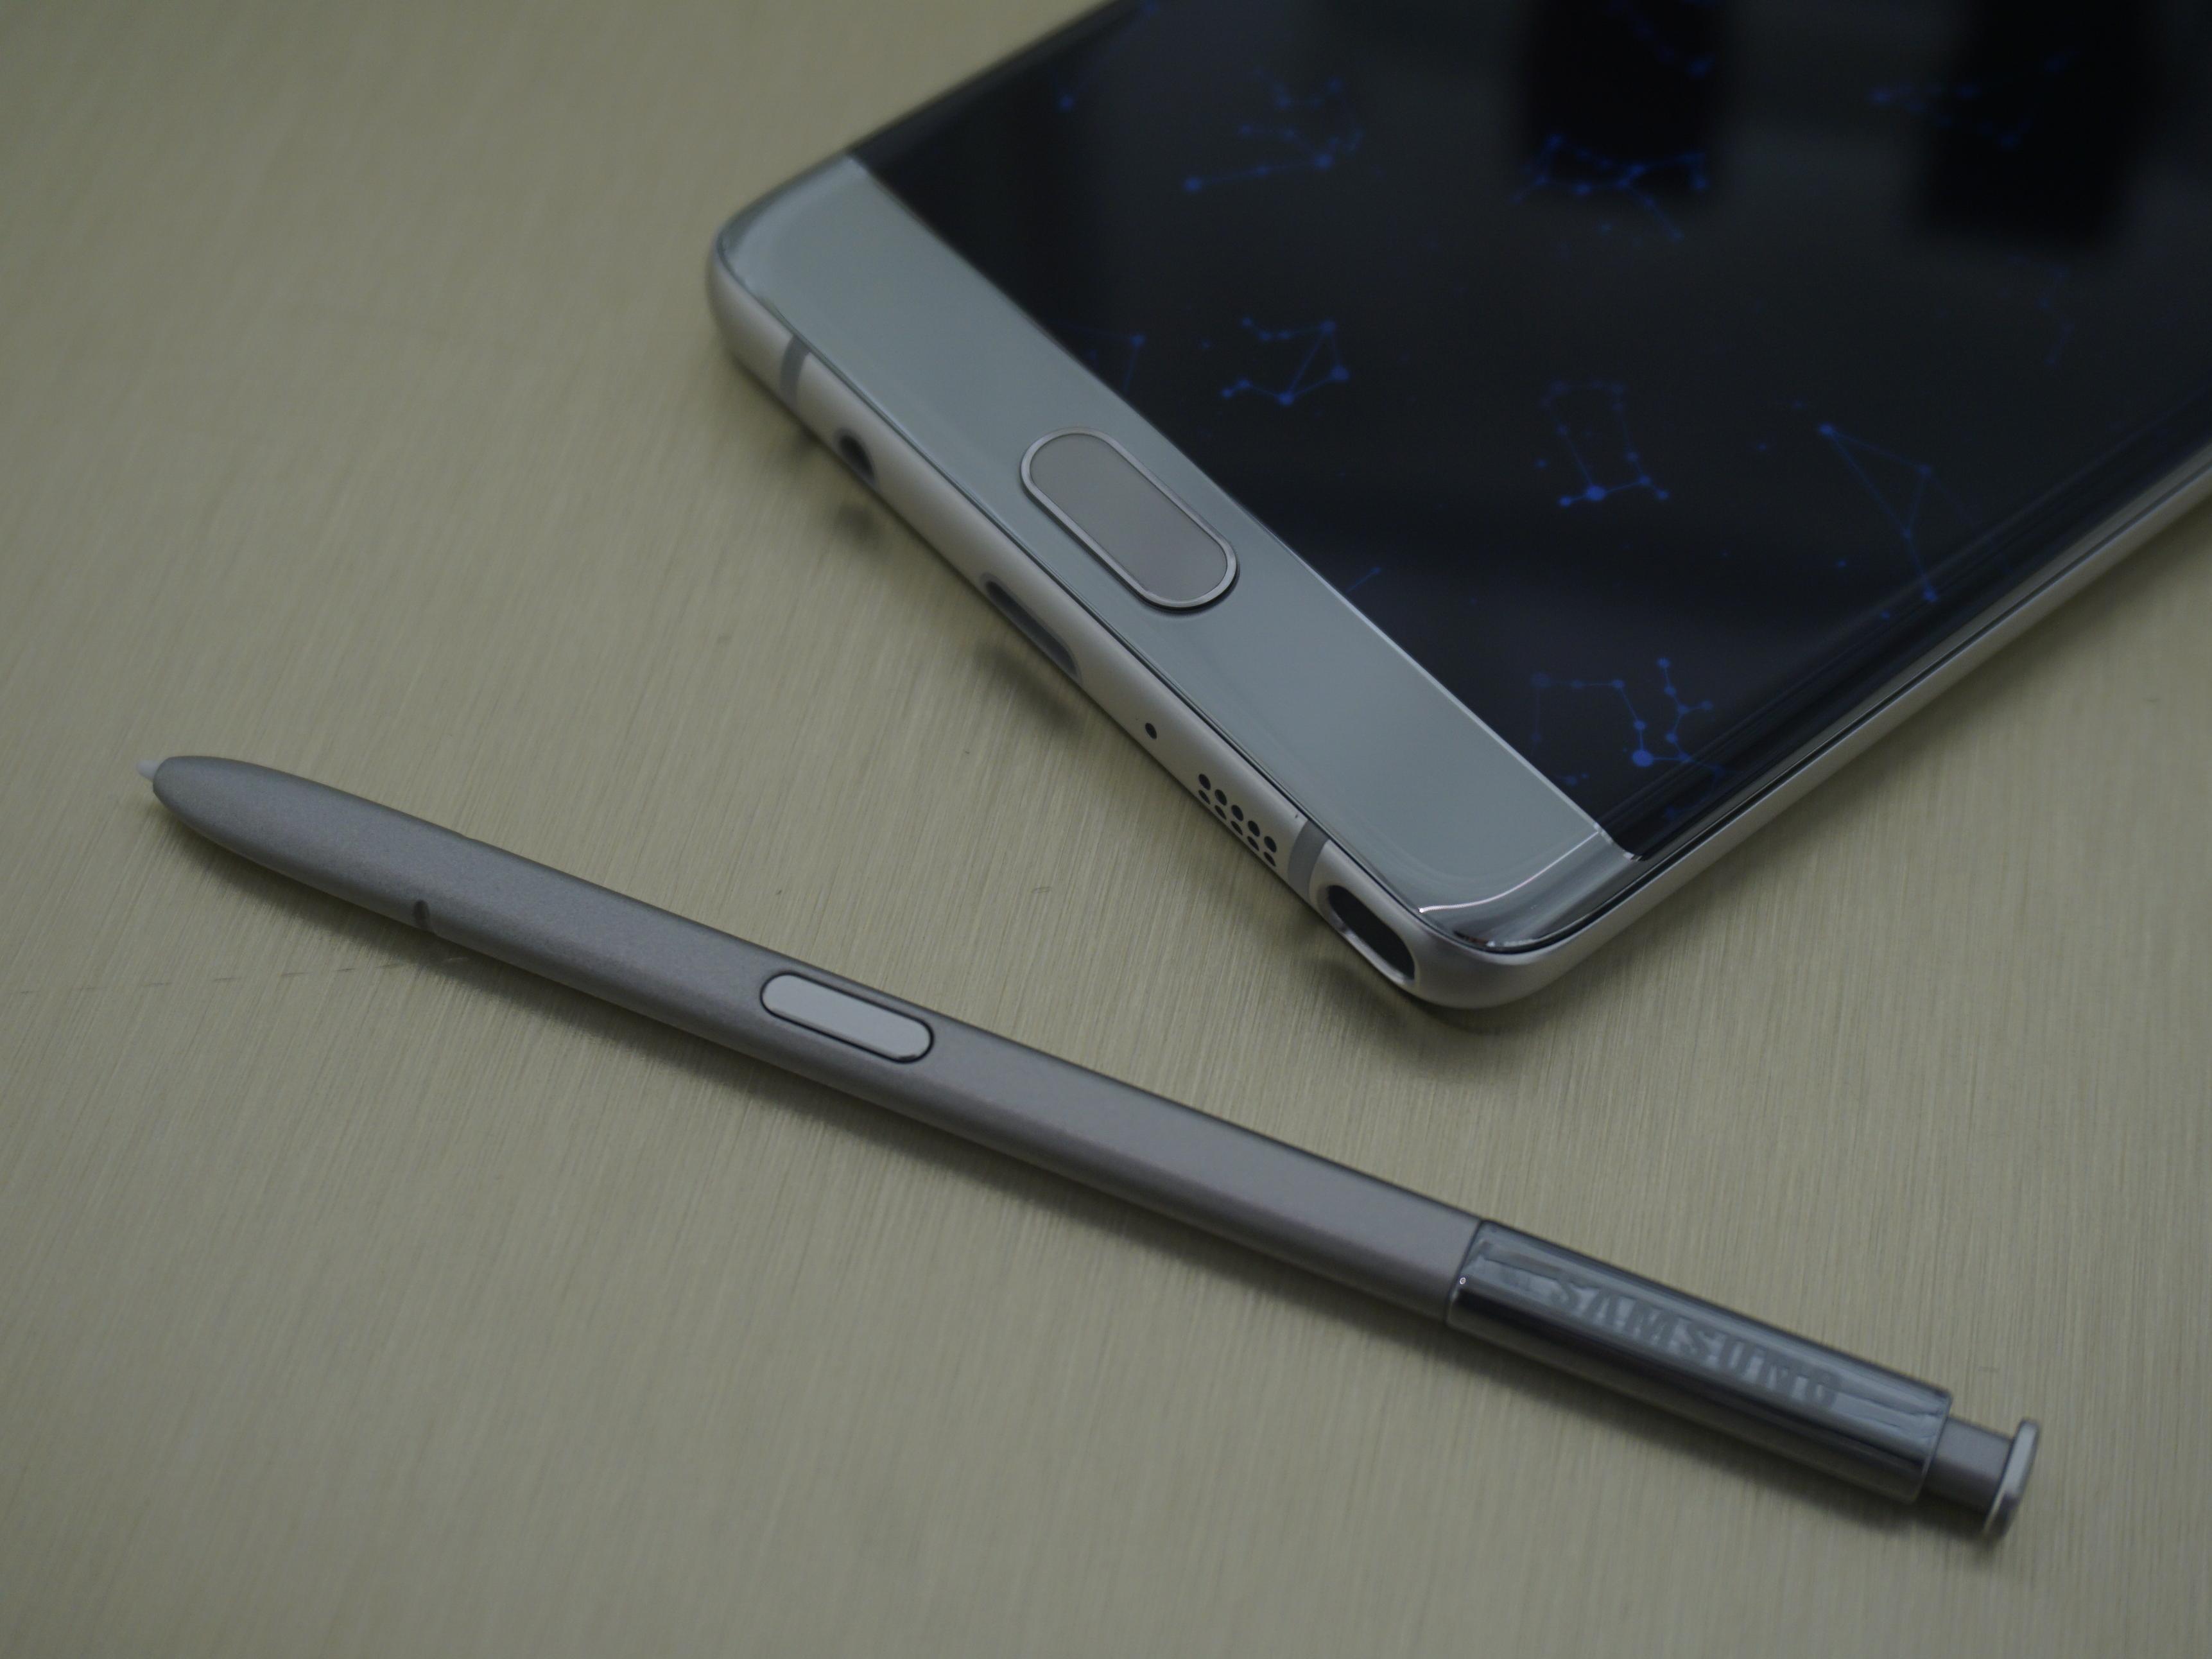 �бʲ��ܽ�Note ����Note7 S Pen����